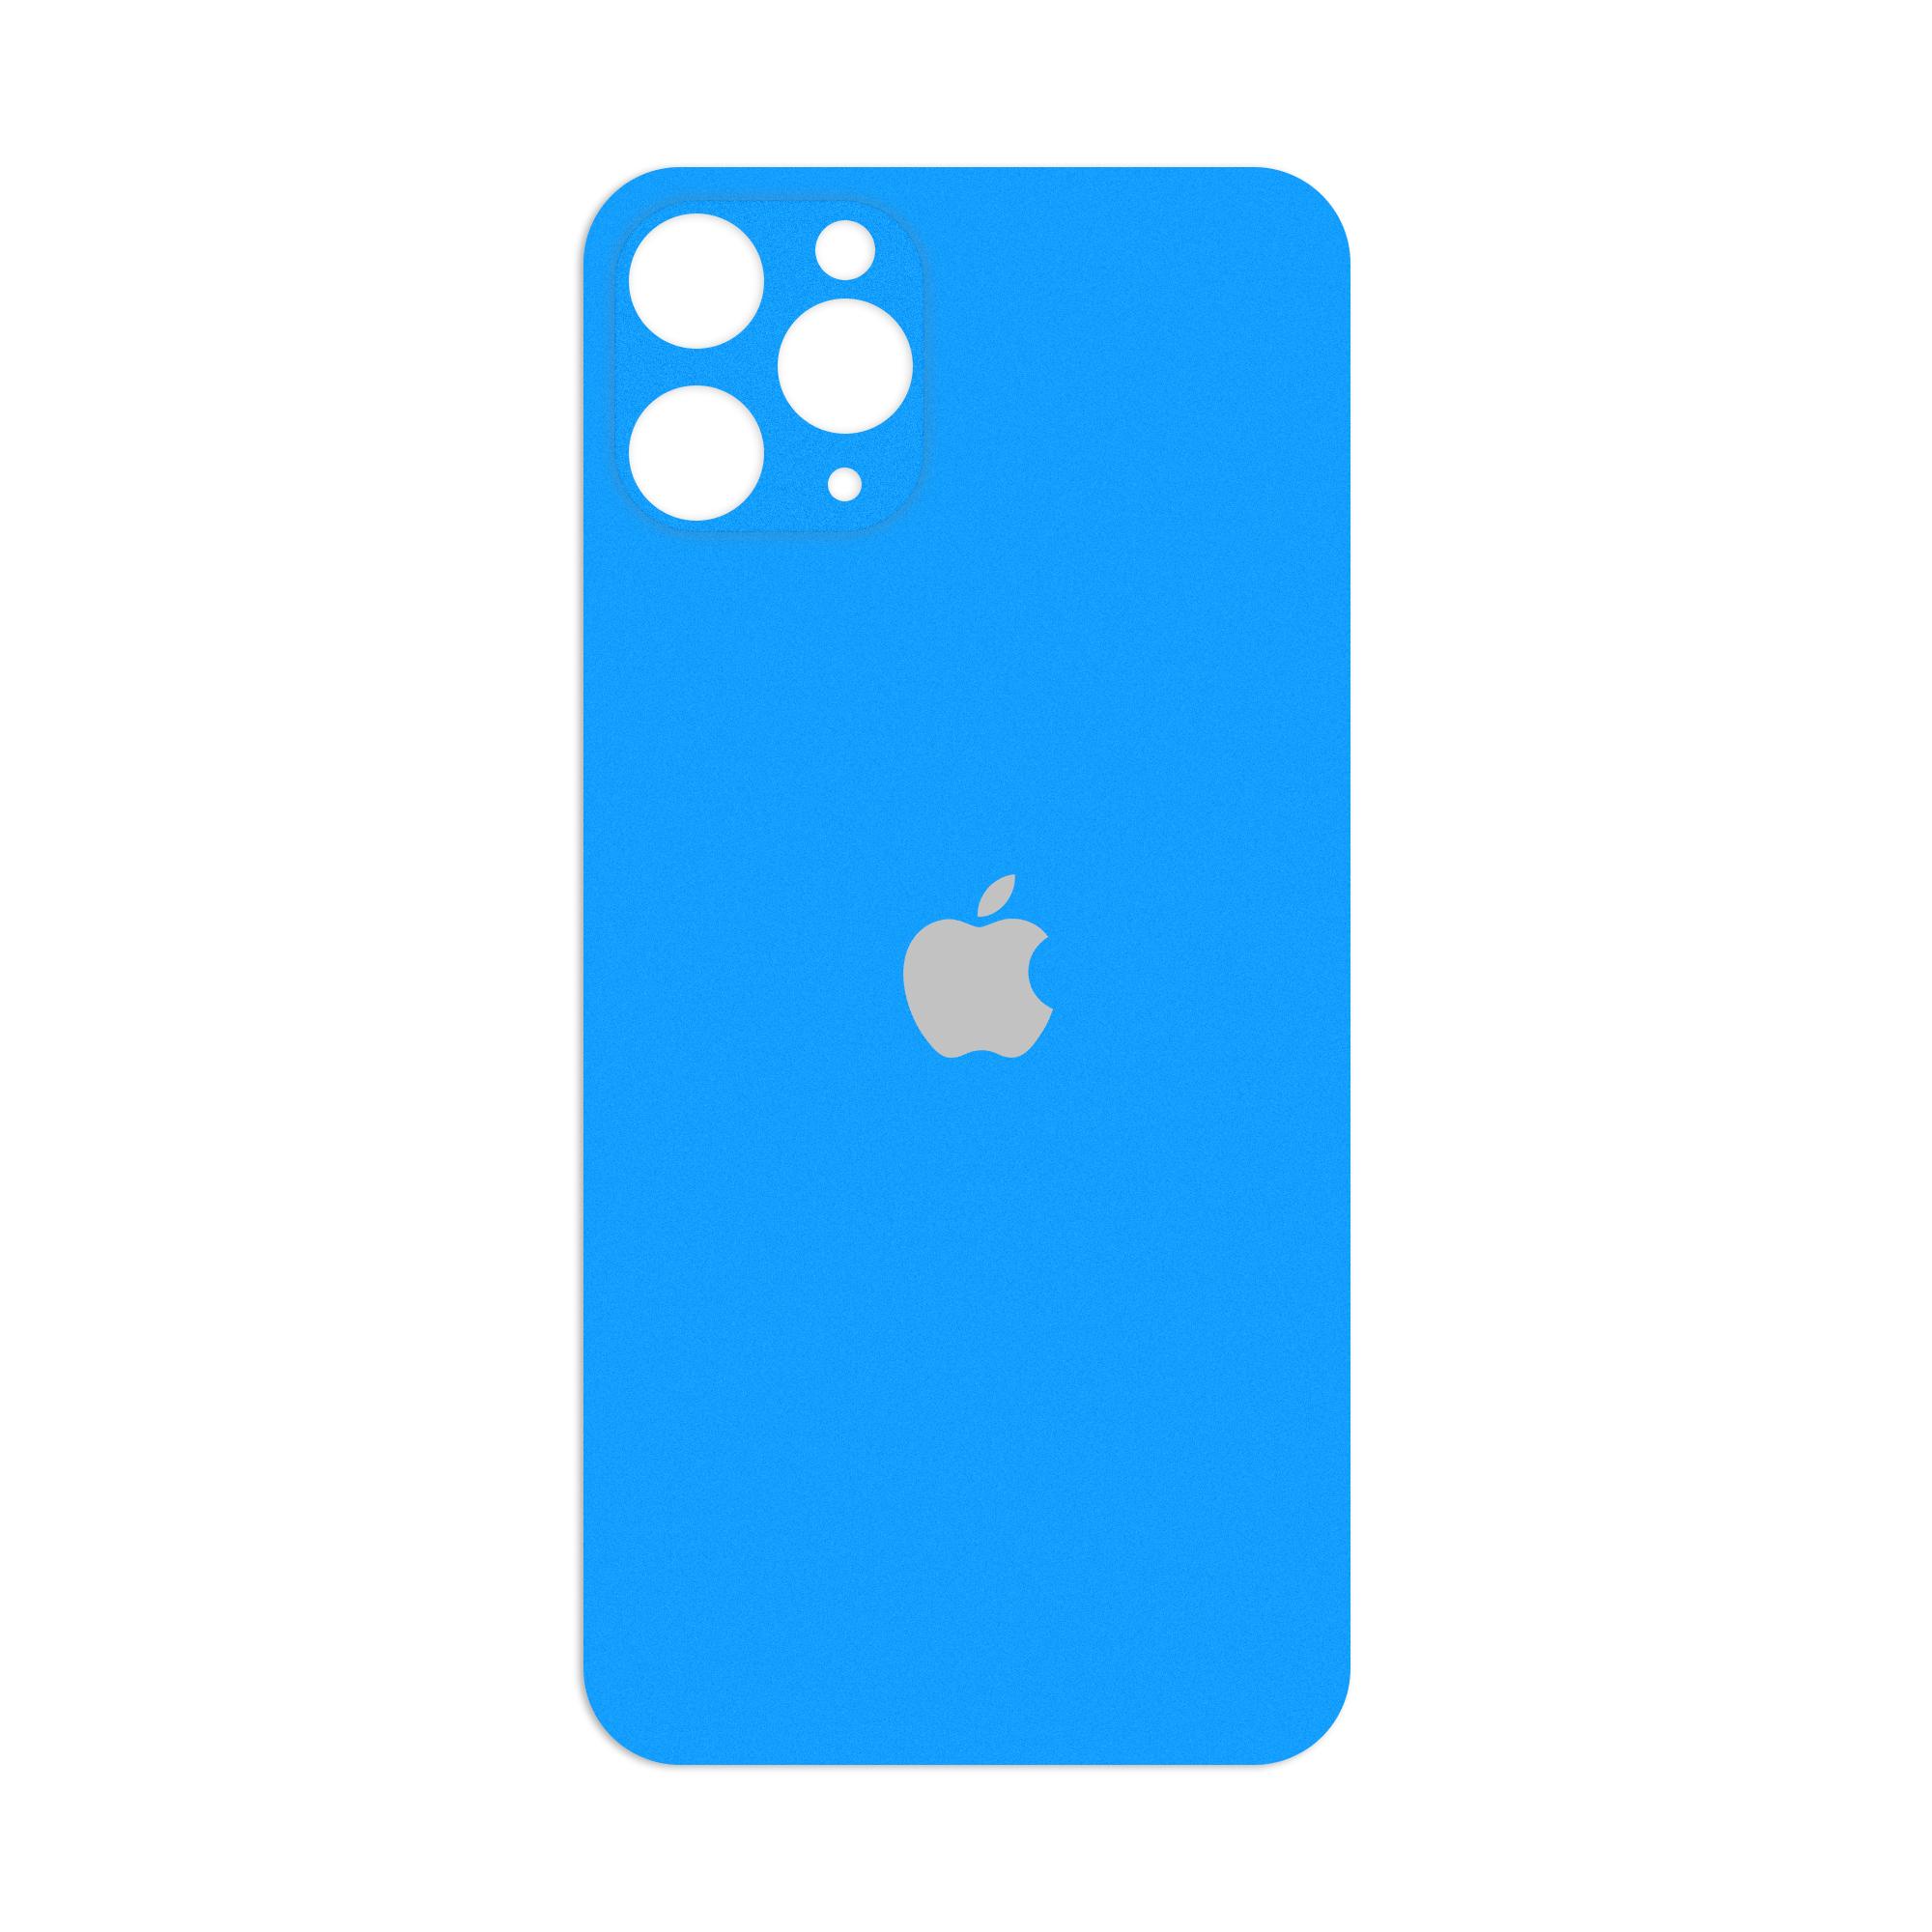 Dán Lưng Nhám Mặt Sau Dành Cho iPhone 11/ 11 Pro / 11 Pro Max- Handtown- Hàng Chính Hãng